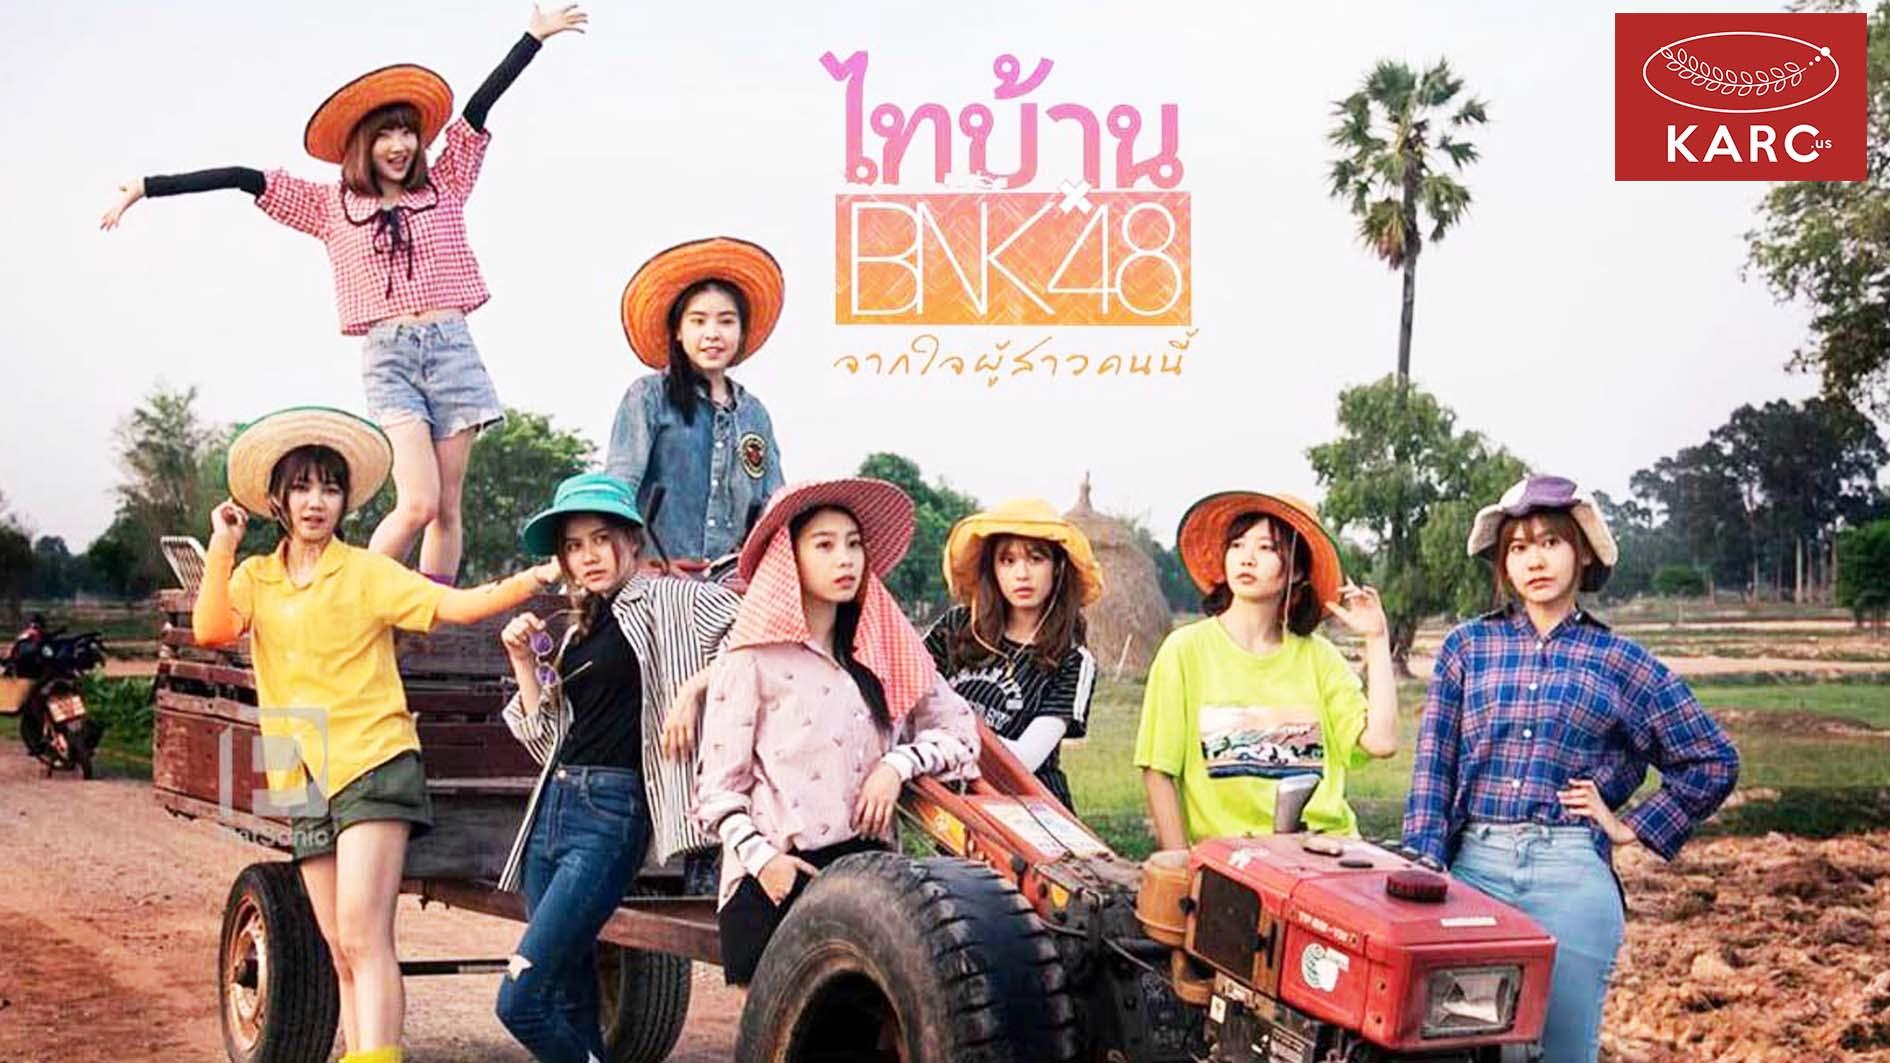 รีวิวหนัง ไทบ้าน x BNK48 จากใจผู้สาวคนนี้ การรวมตัวกันของสองความต่าง !? - Karc.us